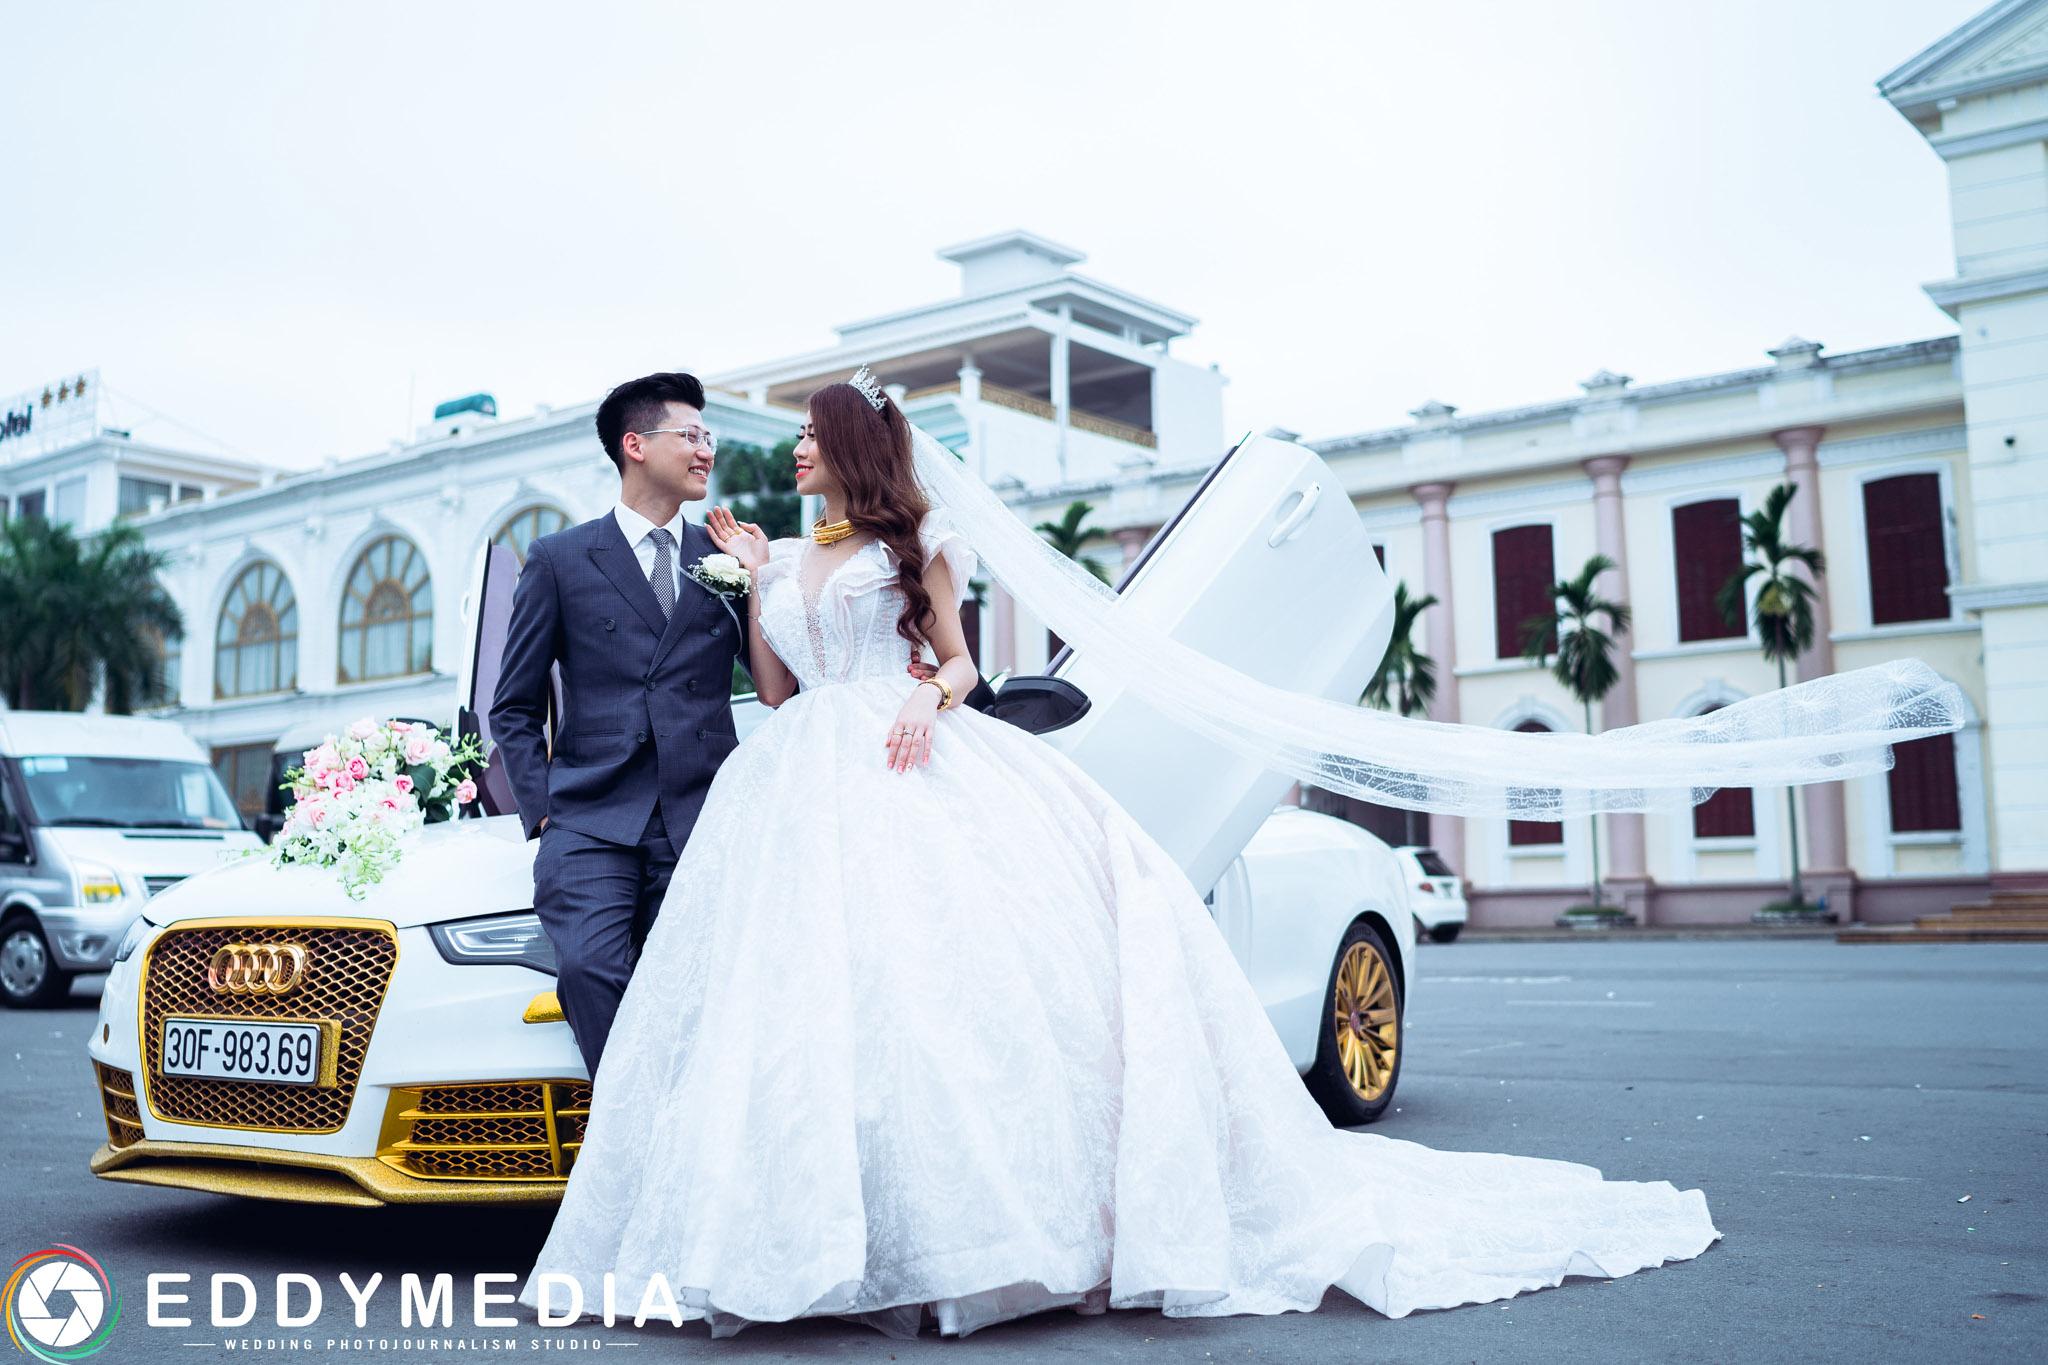 Kinh nghiệm chụp ảnh cưới ngoài trời đẹp cho các cặp đôi